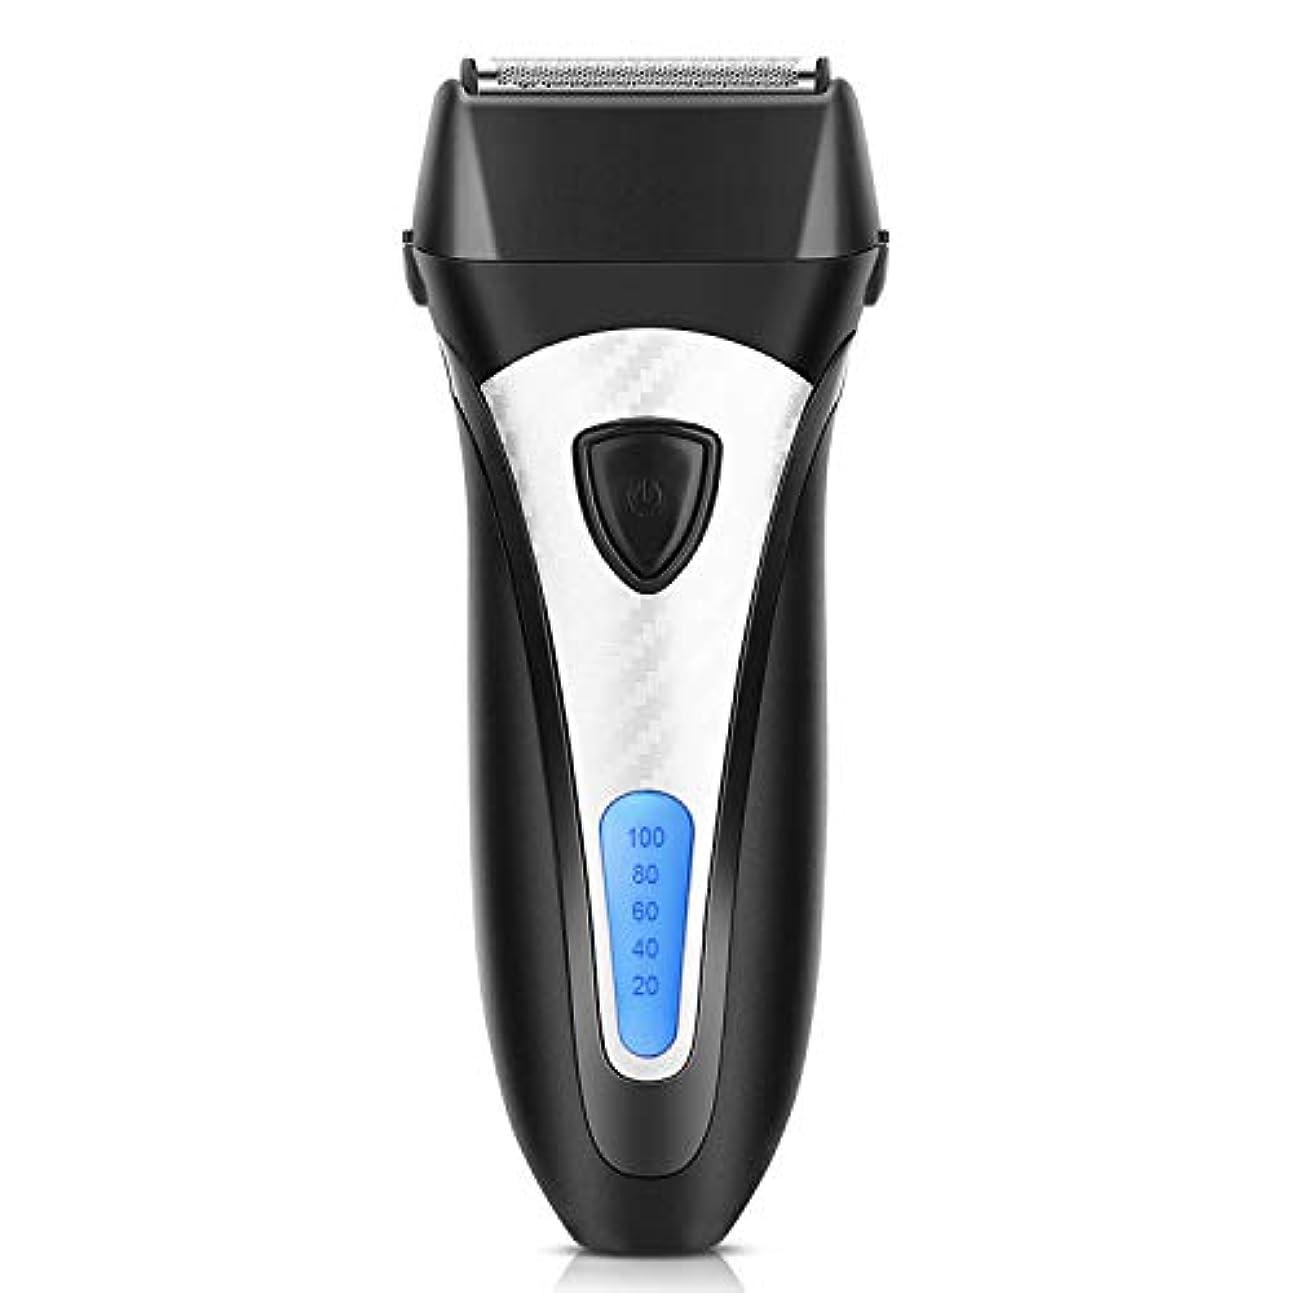 ラック海藻廃止ELEHOT 電気シェーバー メンズシェーバー 髭剃り 往復式 3枚刃 トリマー付き 充電式 LCDディスプレイ 男性用 水洗いできる刃ベット